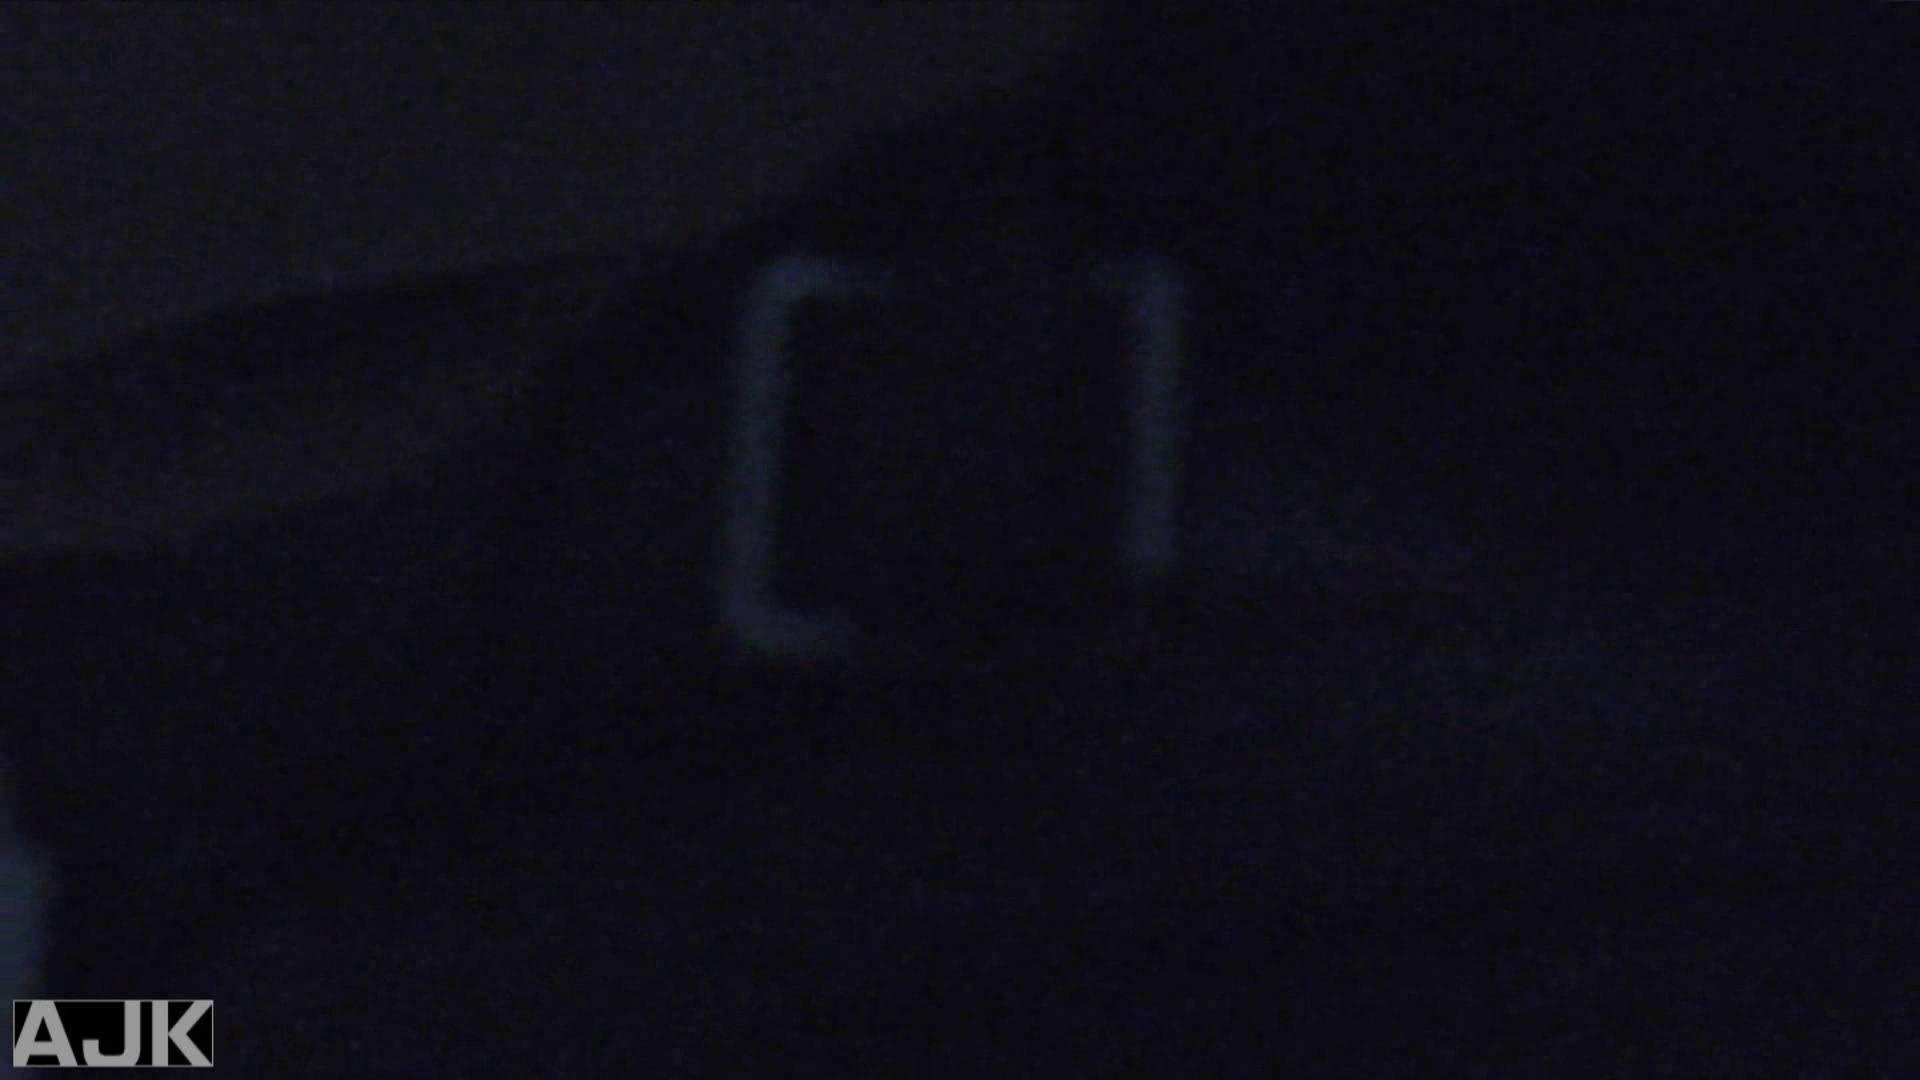 神降臨!史上最強の潜入かわや! vol.05 モロだしオマンコ 盗み撮り動画キャプチャ 69pic 12